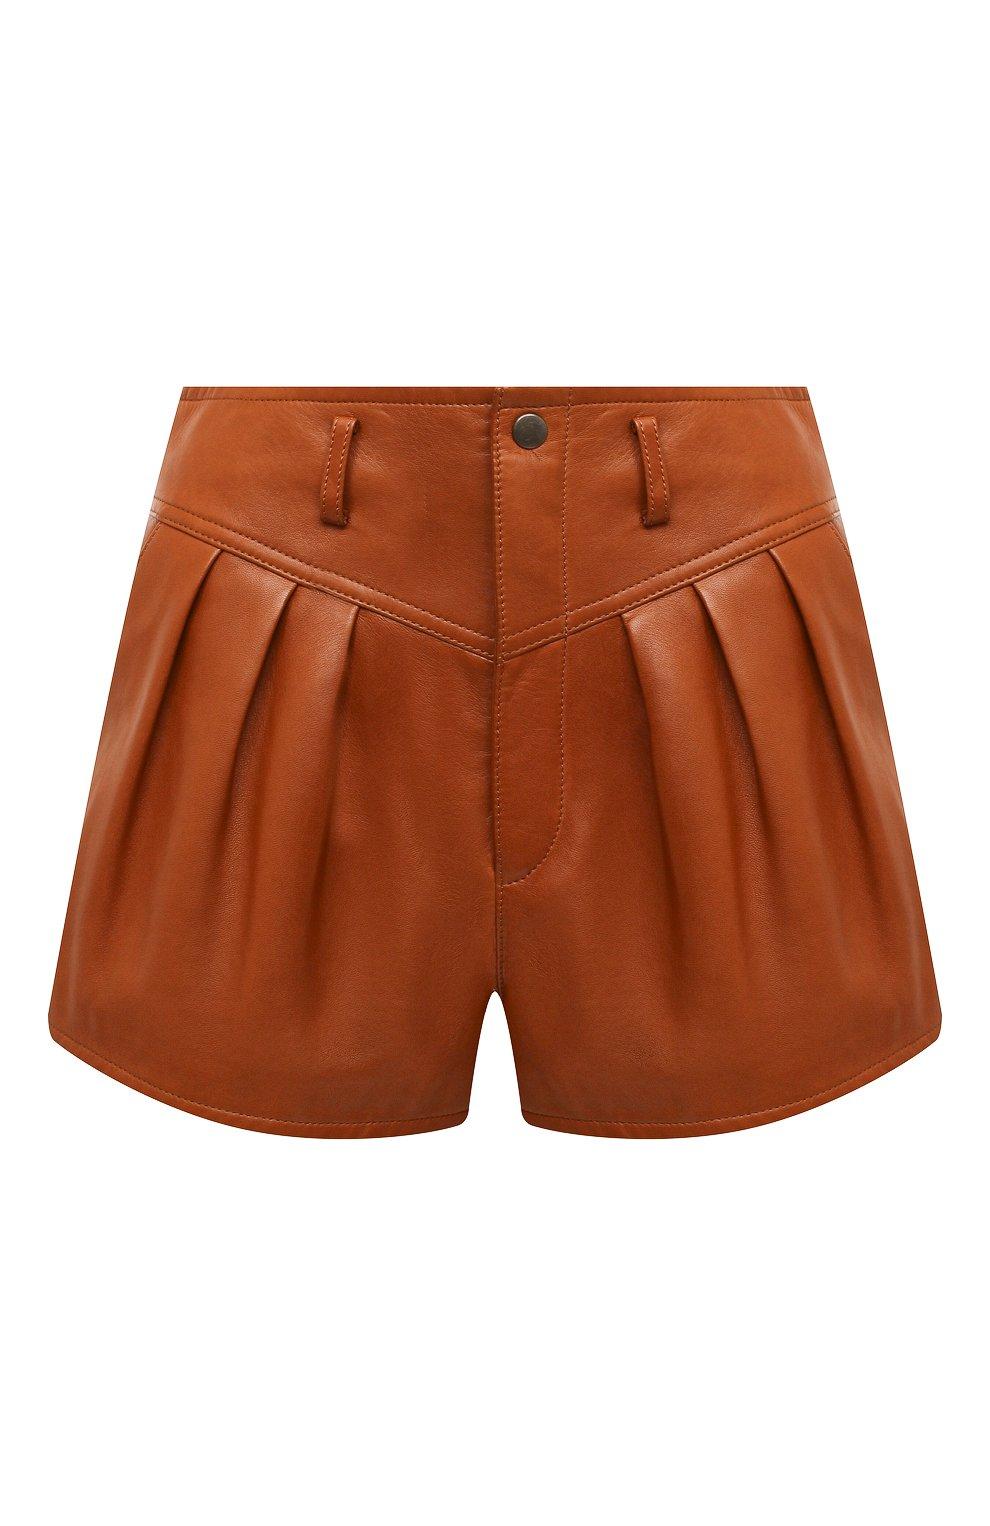 Женские кожаные шорты SAINT LAURENT коричневого цвета, арт. 630199/Y50A2   Фото 1 (Женское Кросс-КТ: Шорты-одежда; Длина Ж (юбки, платья, шорты): Мини; Материал подклада: Купро)